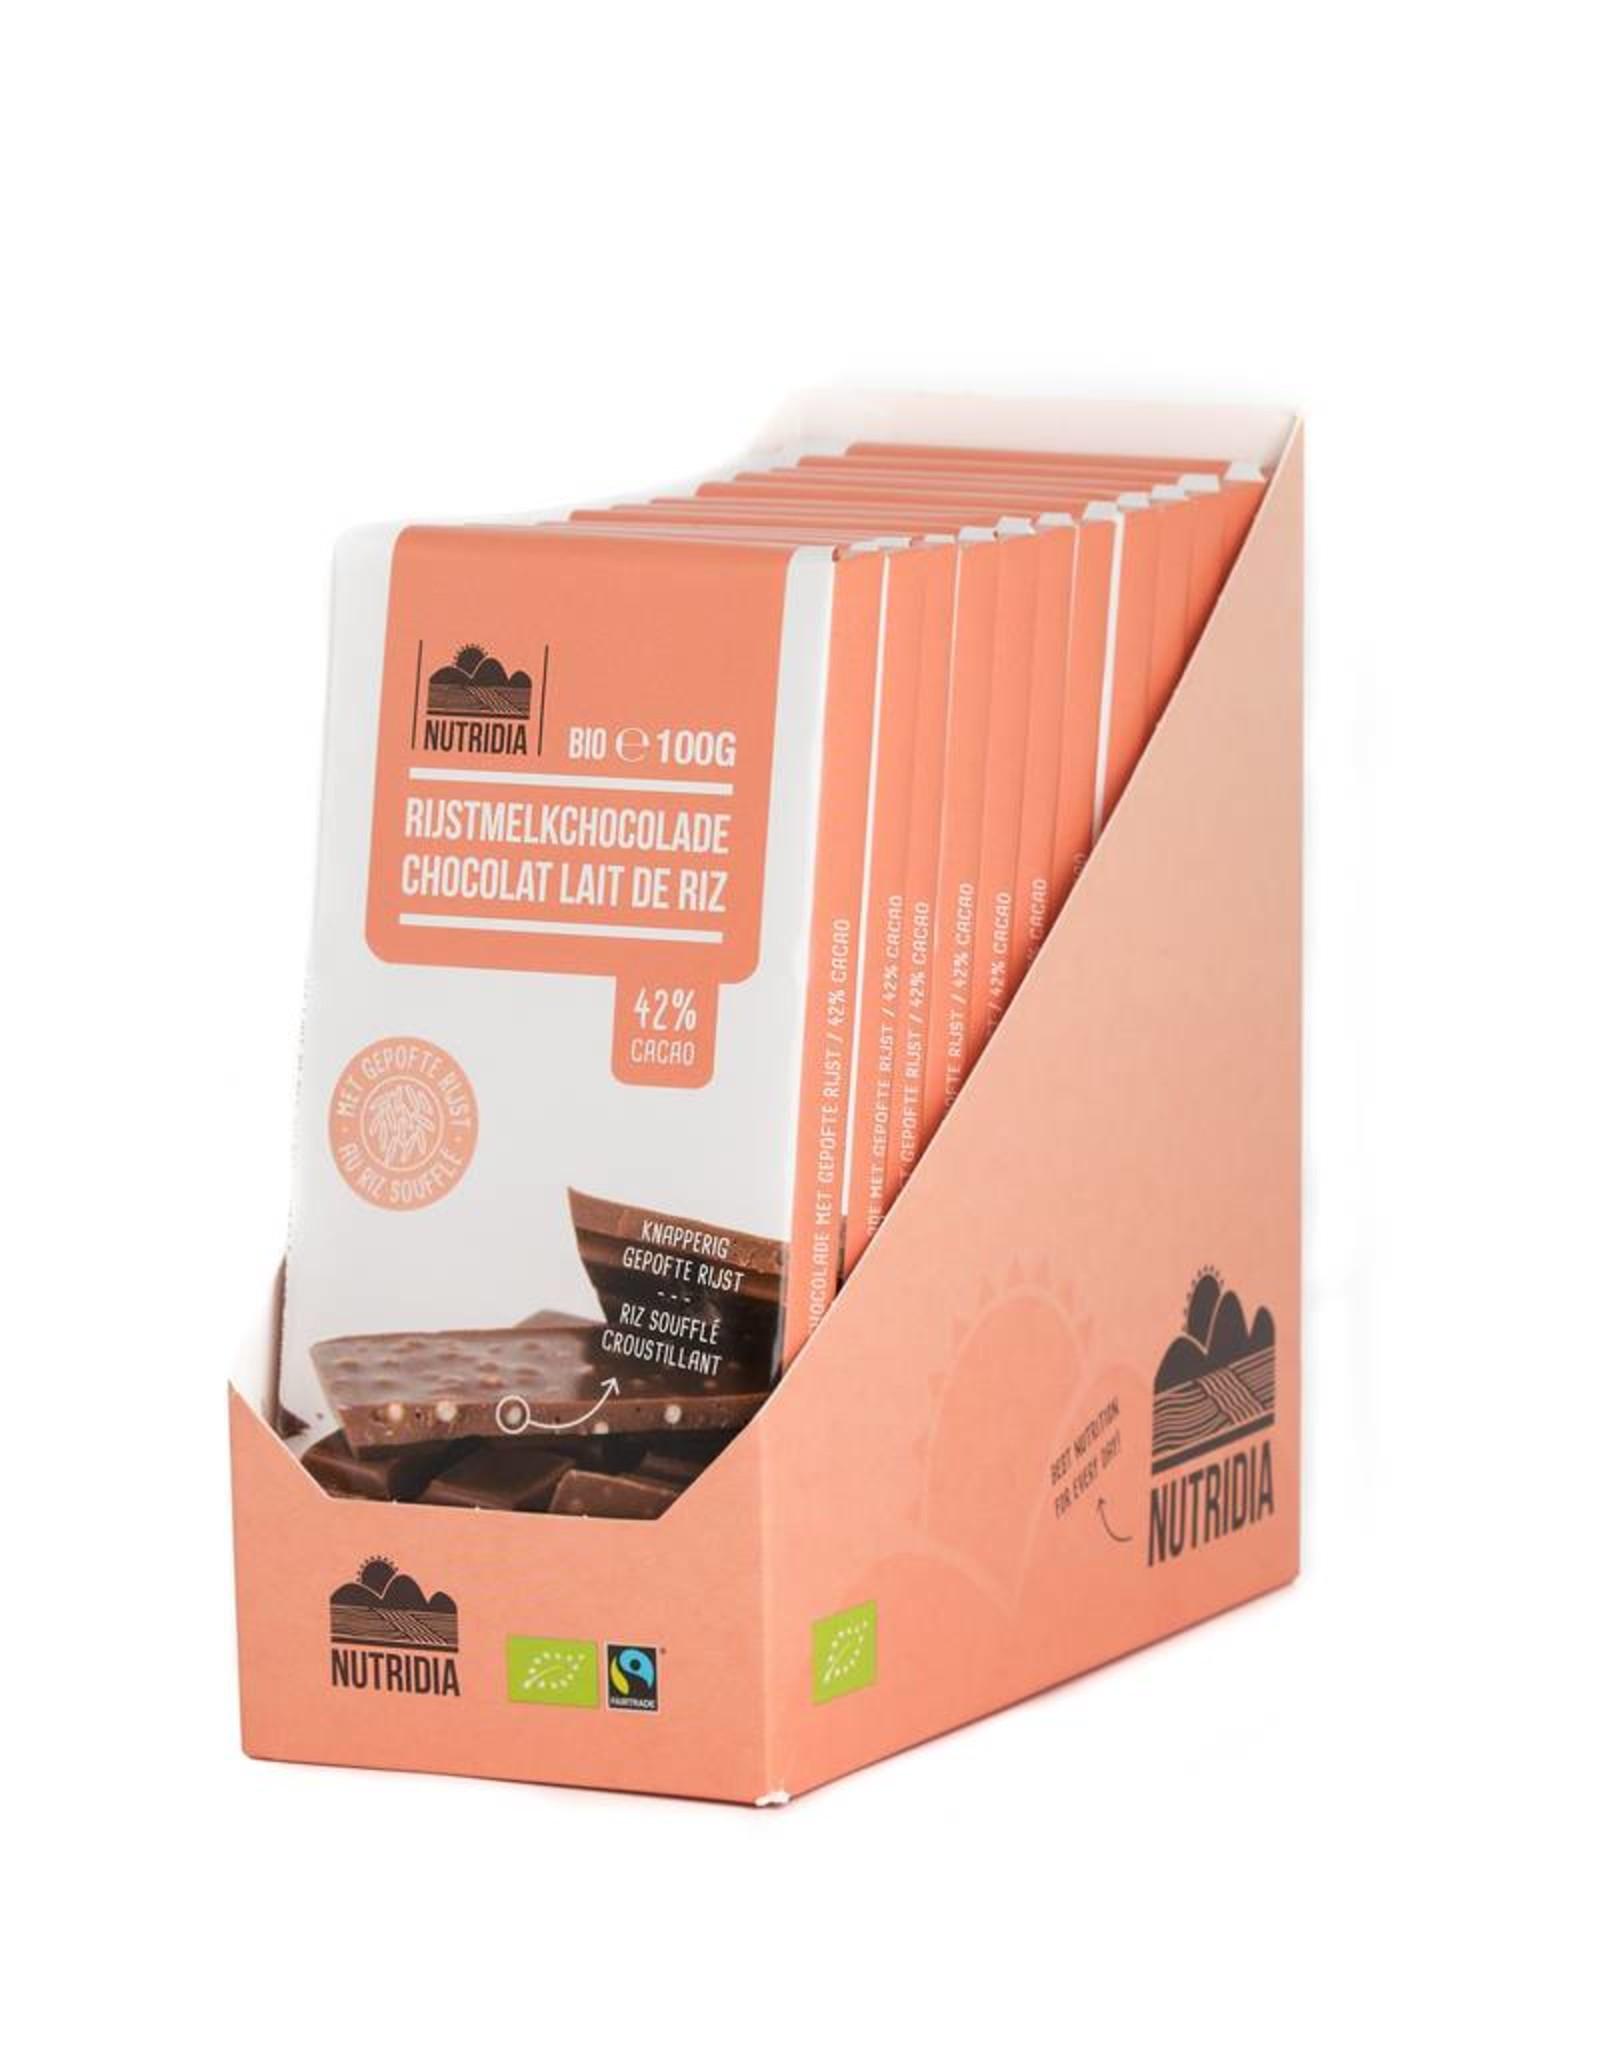 Nutribel Tablette chocolat lait de riz (soufflé) bio 100g 12 pièces